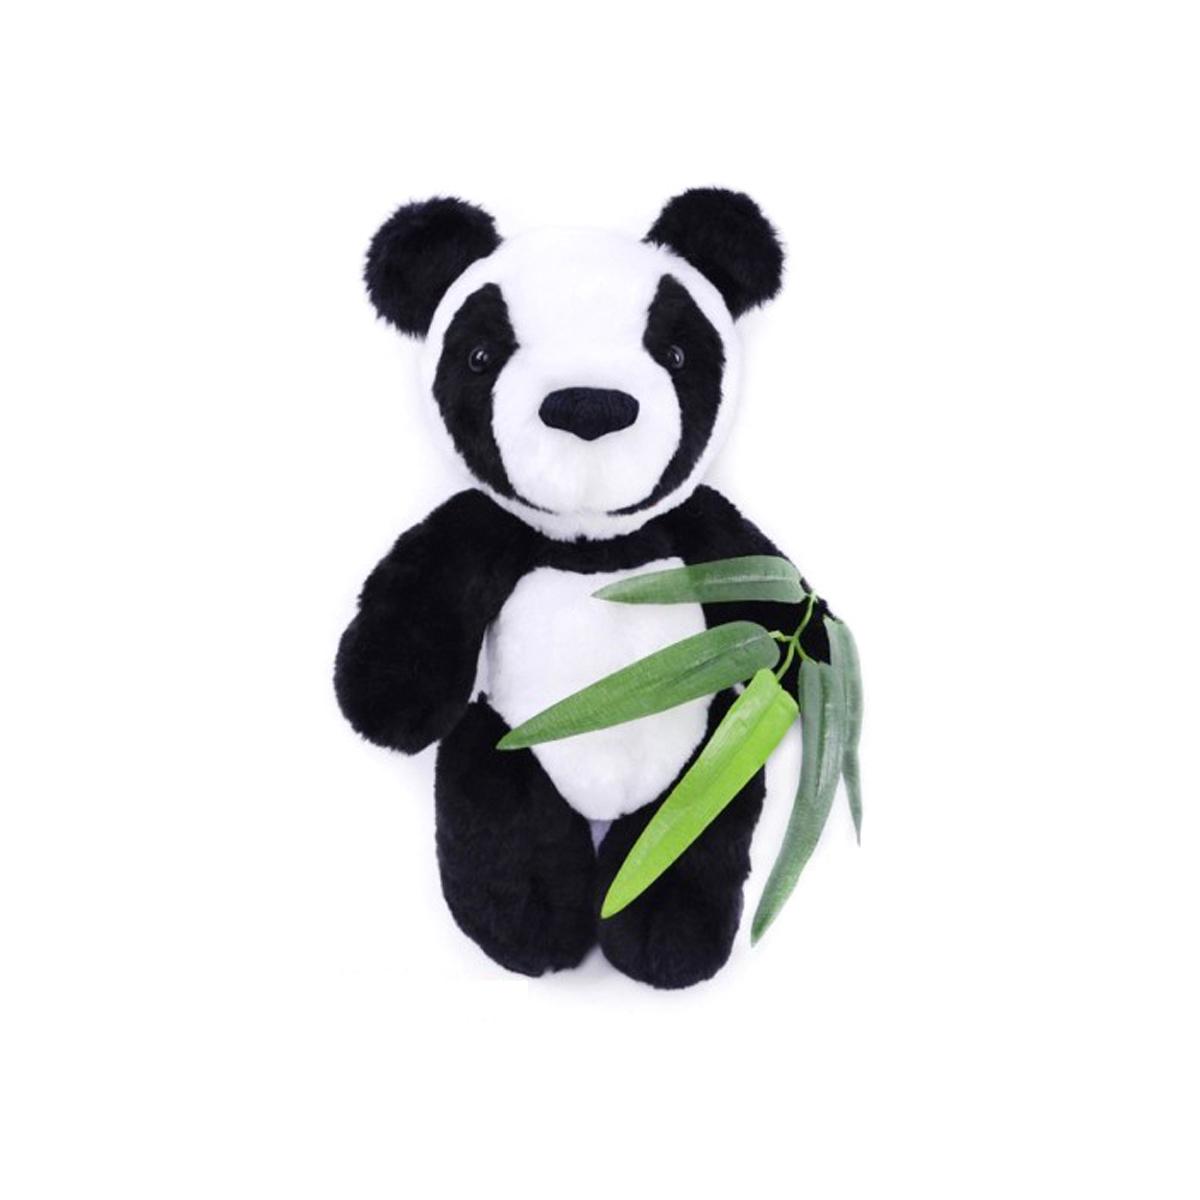 Набор для шитья игрушек Мехомания Панда с бамбуком, 30 см. ММ-023582454Набор Мехомания содержит необходимые материалы для изготовления игрушки из меха: - материалы для шитья: мех, подвижные крепления, глазки, ресницы, шерсть для вышивки носа. Ткань, подвеска или кружево для аксессуара. - выкройка и раскладка. - подробный мастер-класс с пошаговой инструкцией по шитью игрушки. - выкройка и мастер-класс для аксессуаров. Дополнительно потребуется: наполнитель, нитки, иголка.